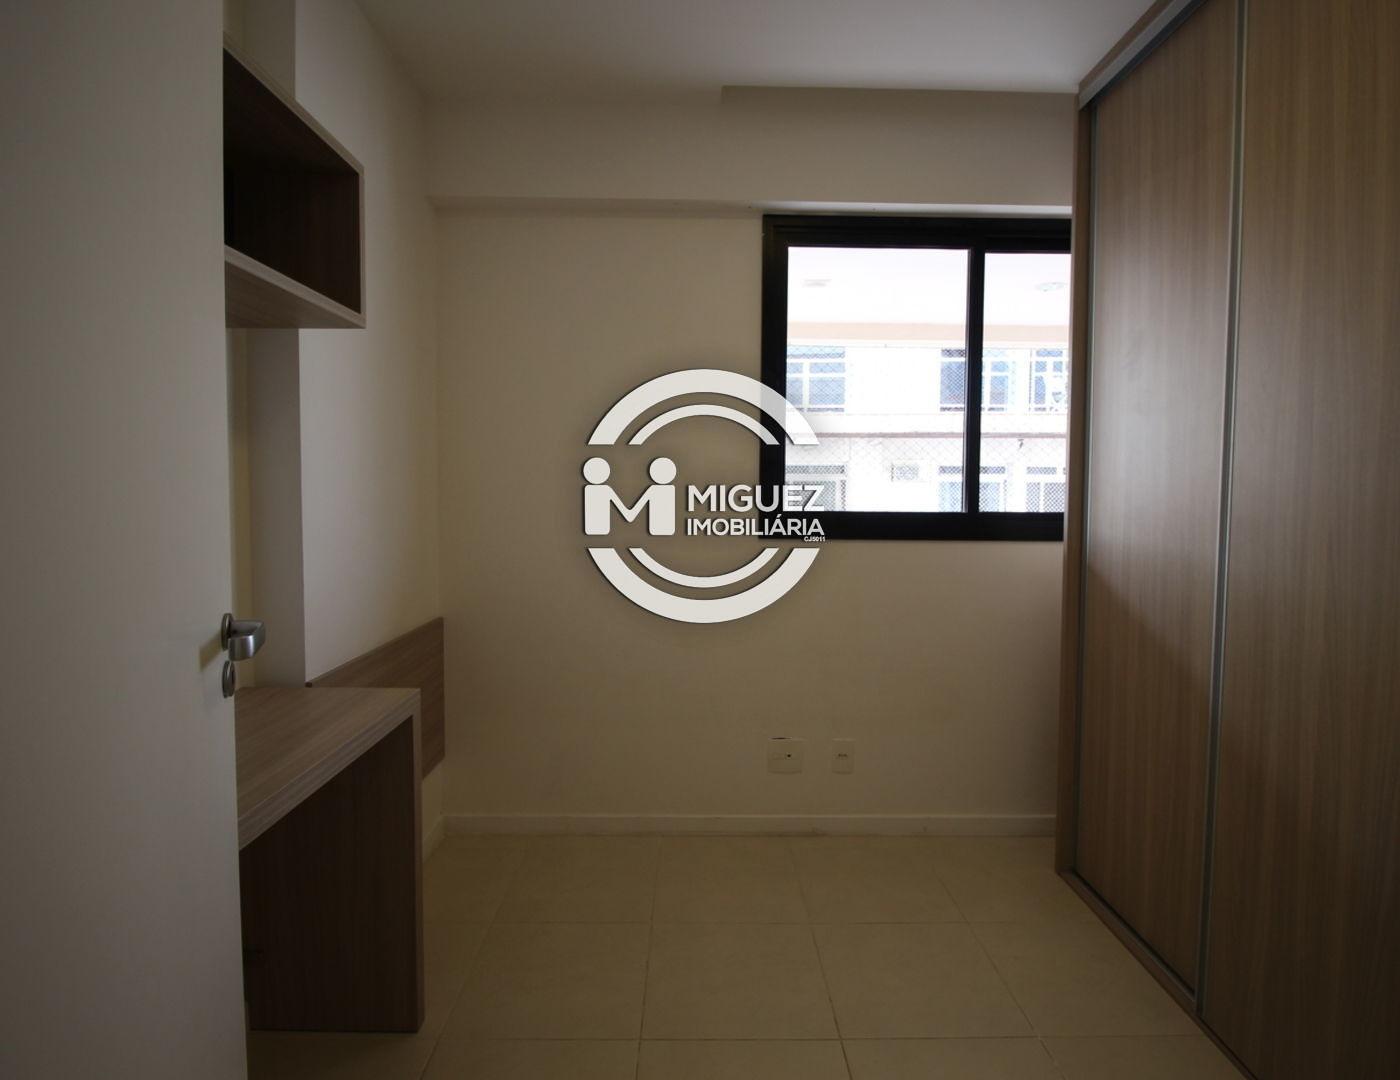 Apartamento, aluguel, Rua Afonso Pena - Tijuca , Rio de janeiro